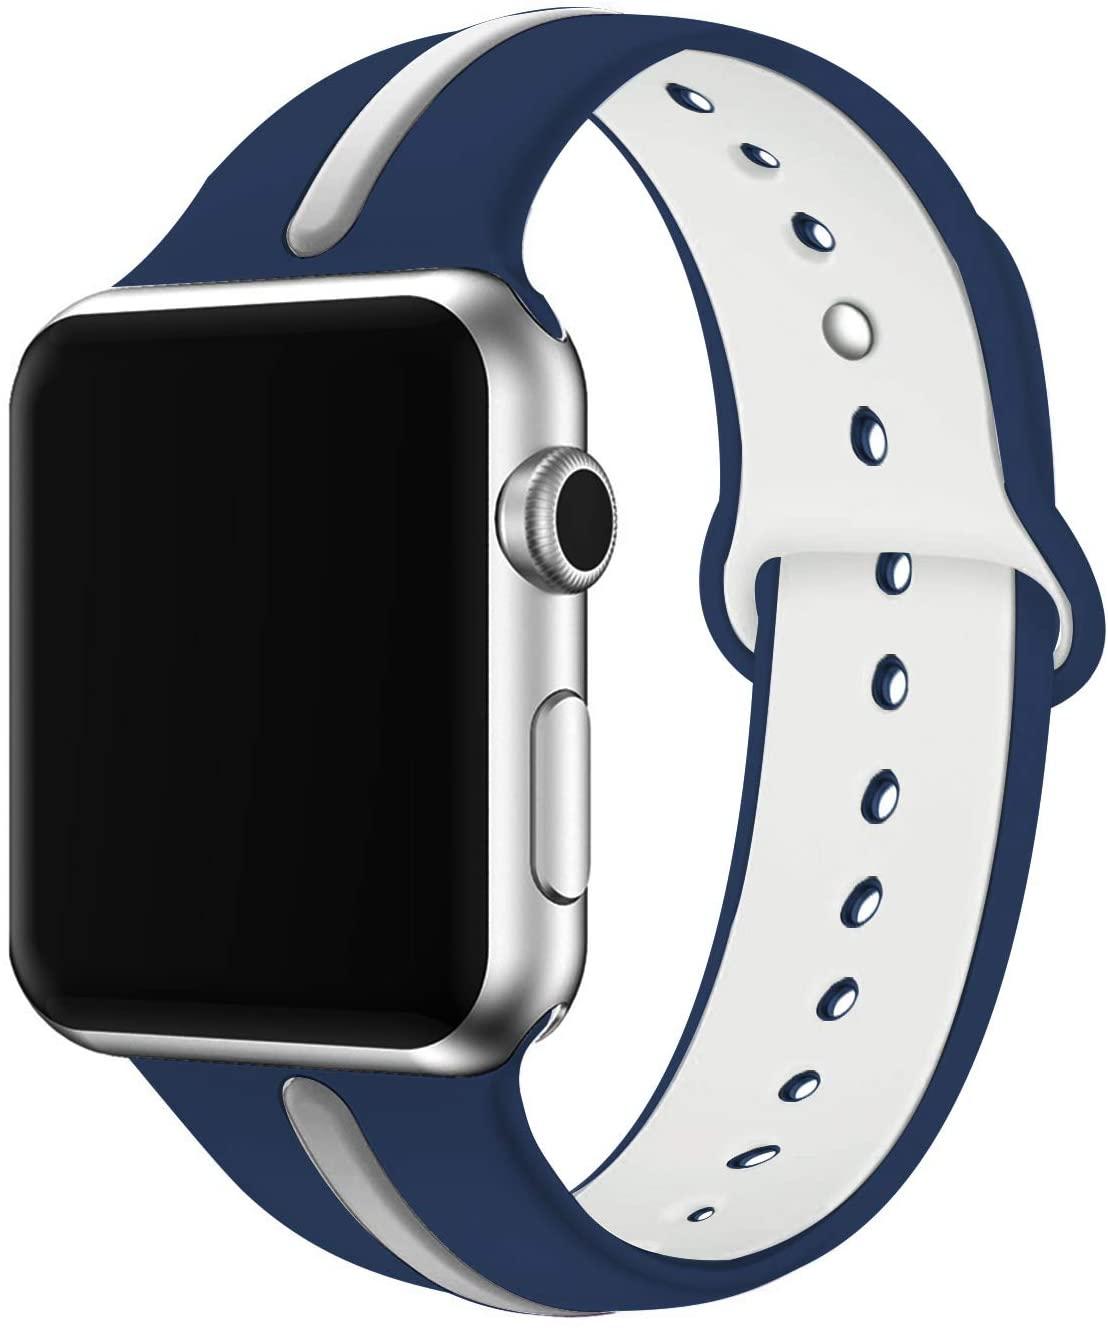 Apple Watchバンドのおすすめ24選!ステンレス製も